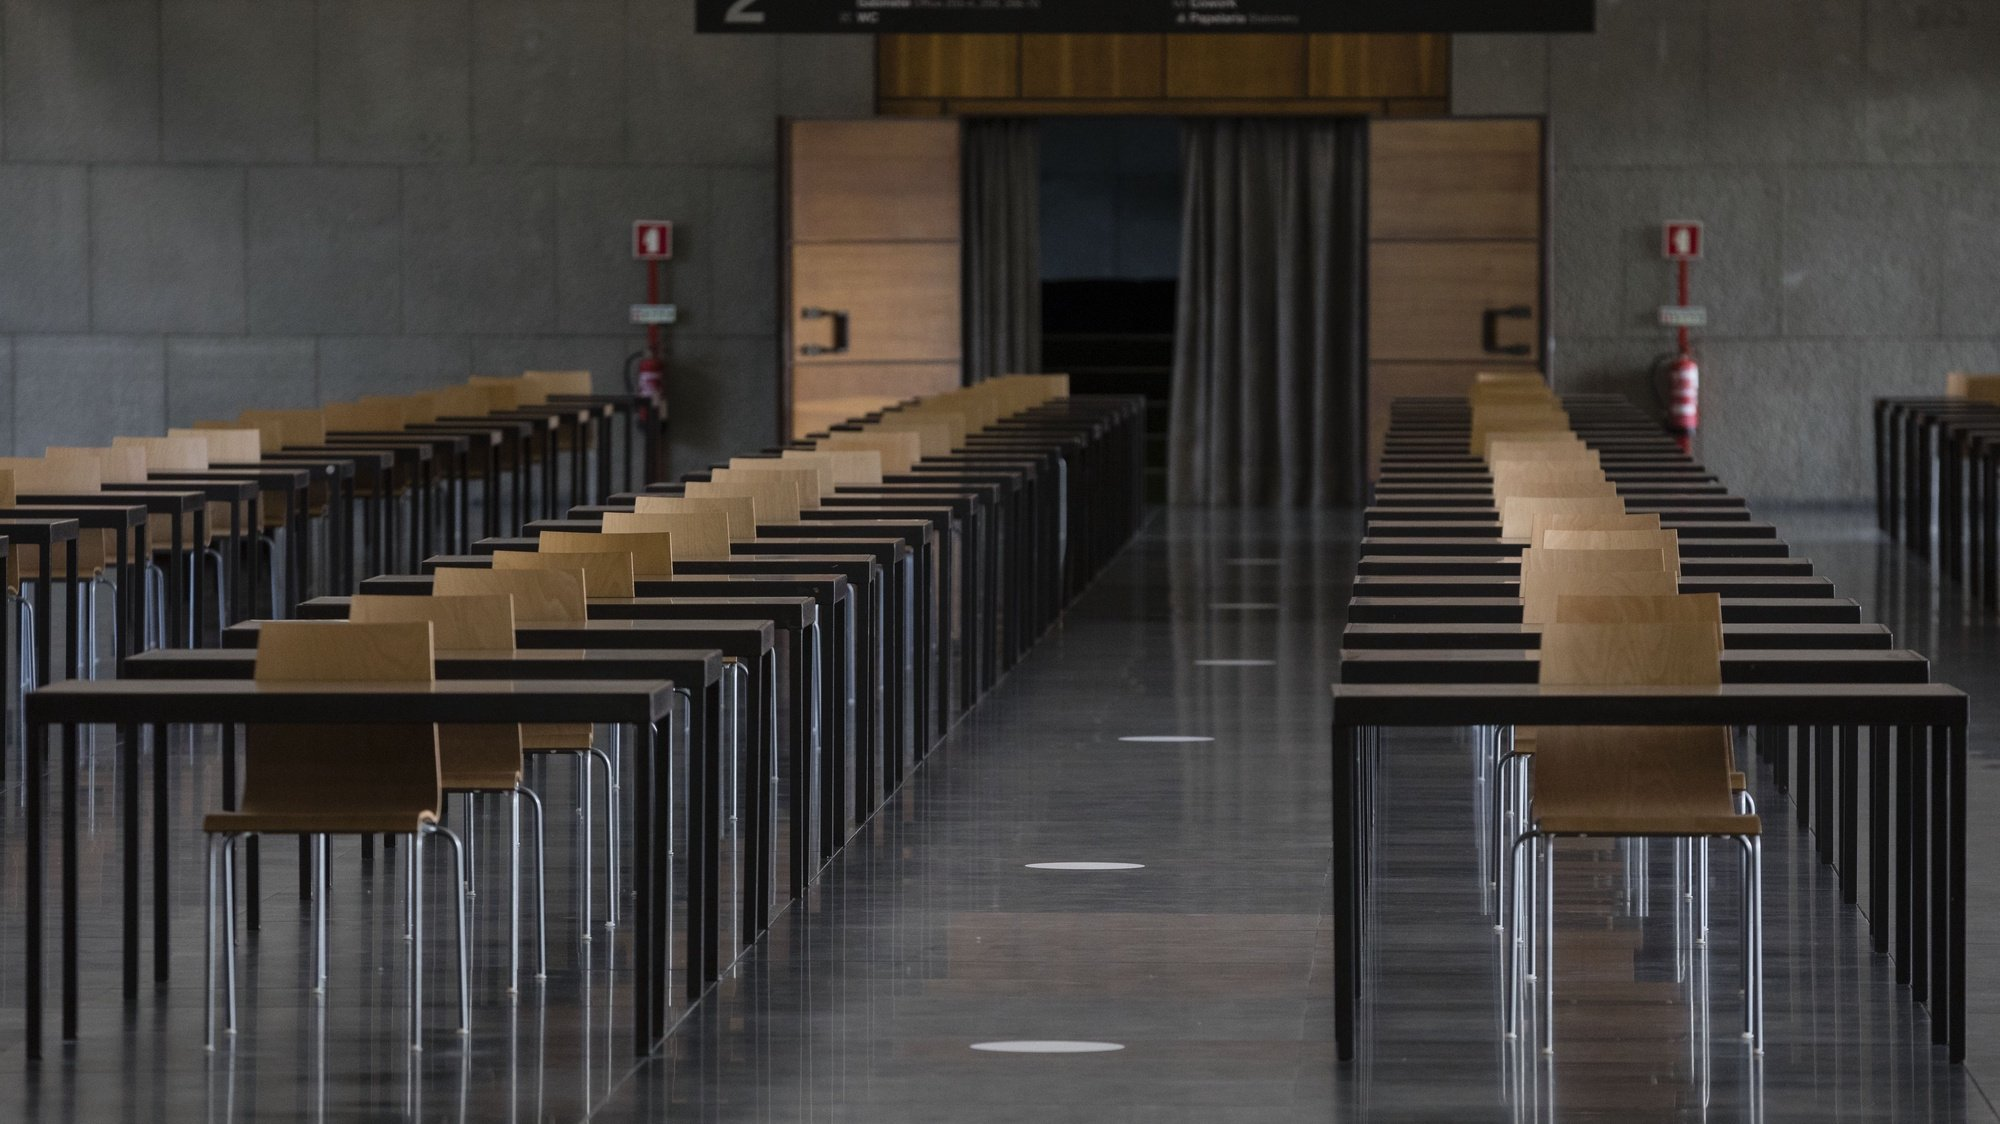 Zona de estudo na Faculdade de Economia da Universidade do Porto, 21 de maio de 2021. JOSÉ COELHO/LUSA